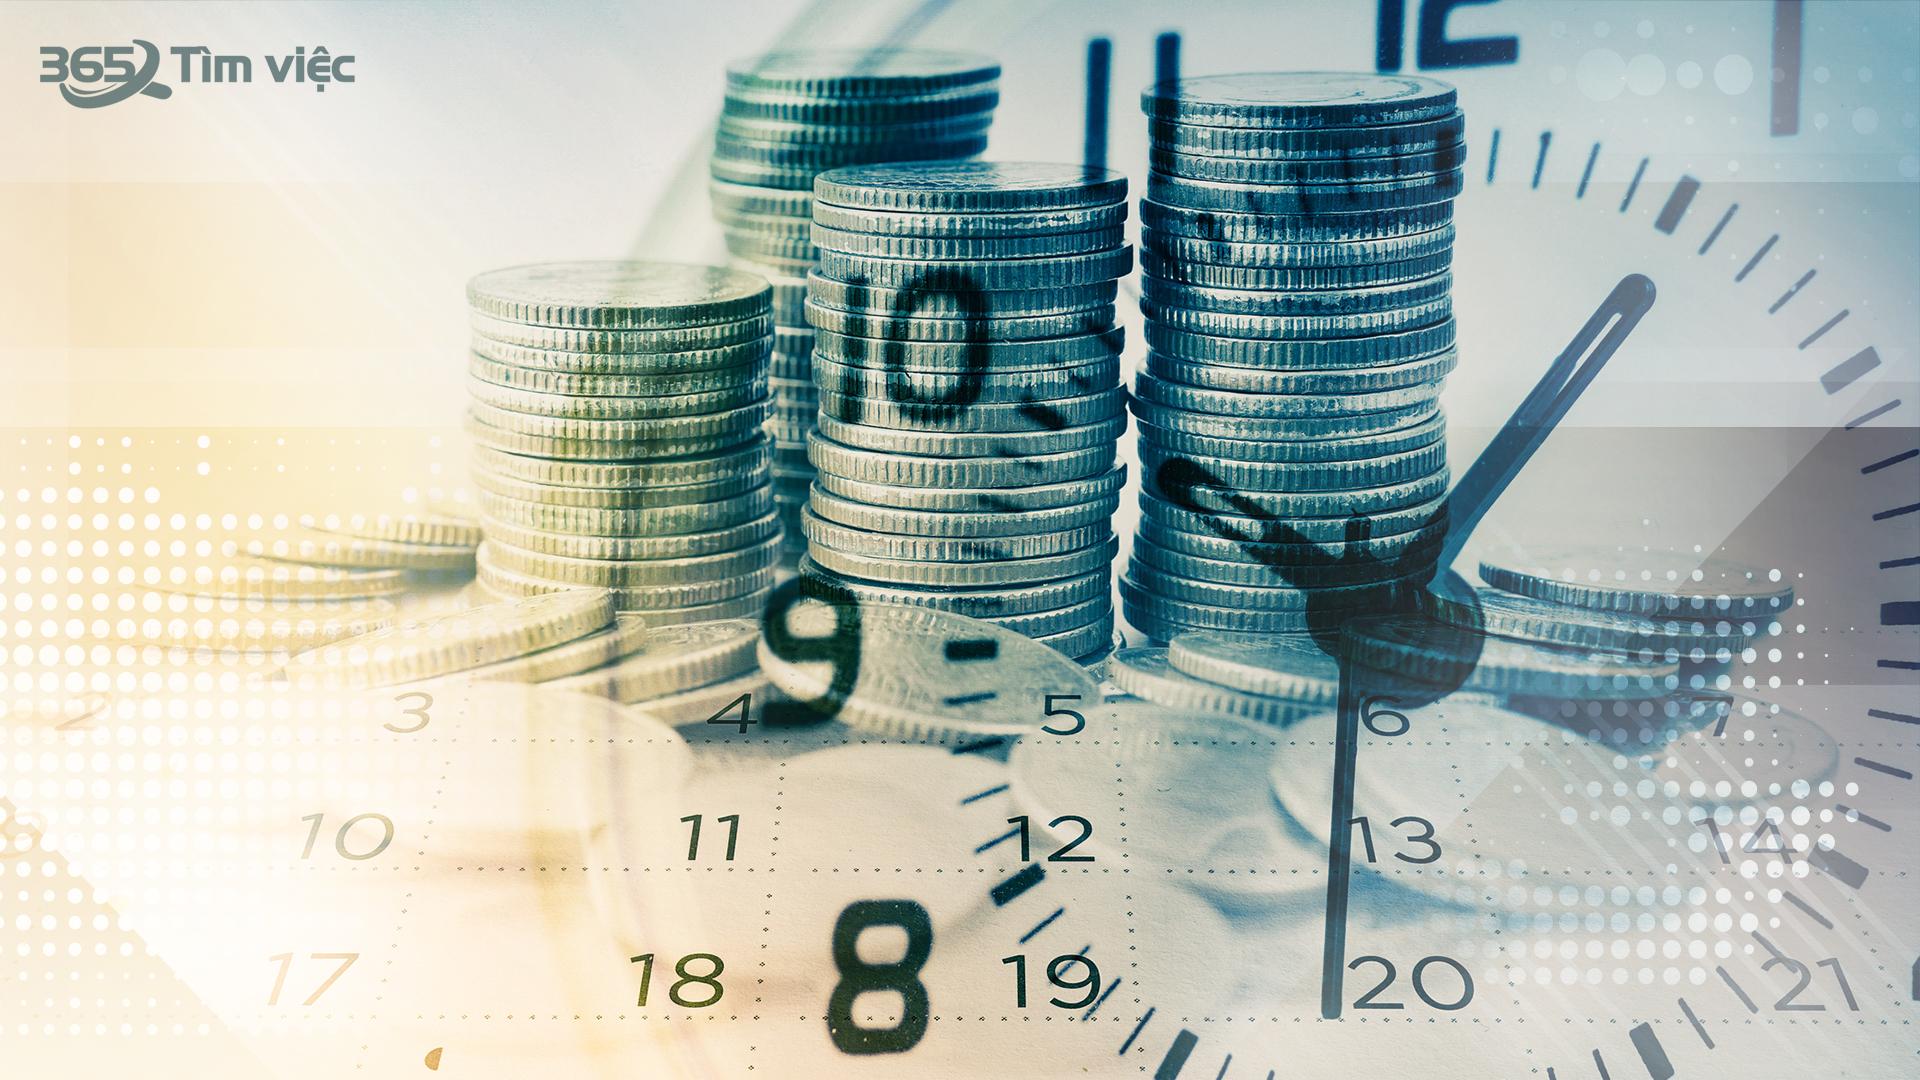 NIM là một hệ số rất quan trọng đối với các ngân hàng